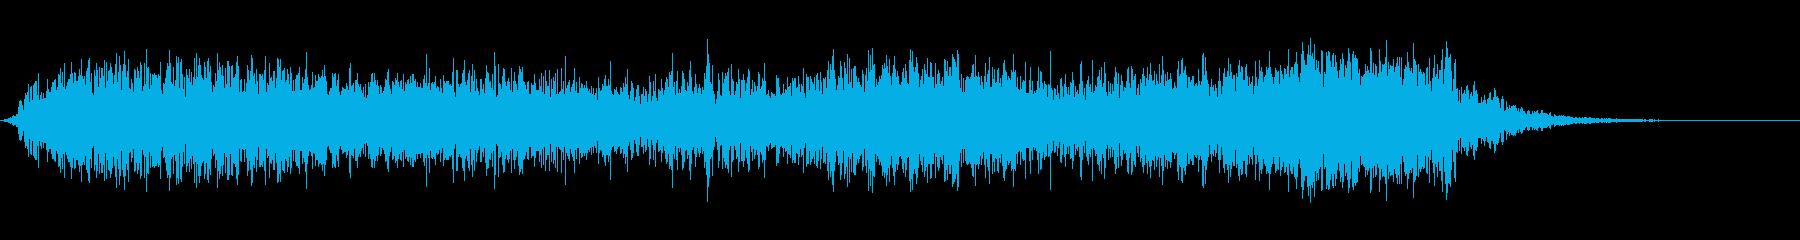 回転する高速フーシュ2の再生済みの波形